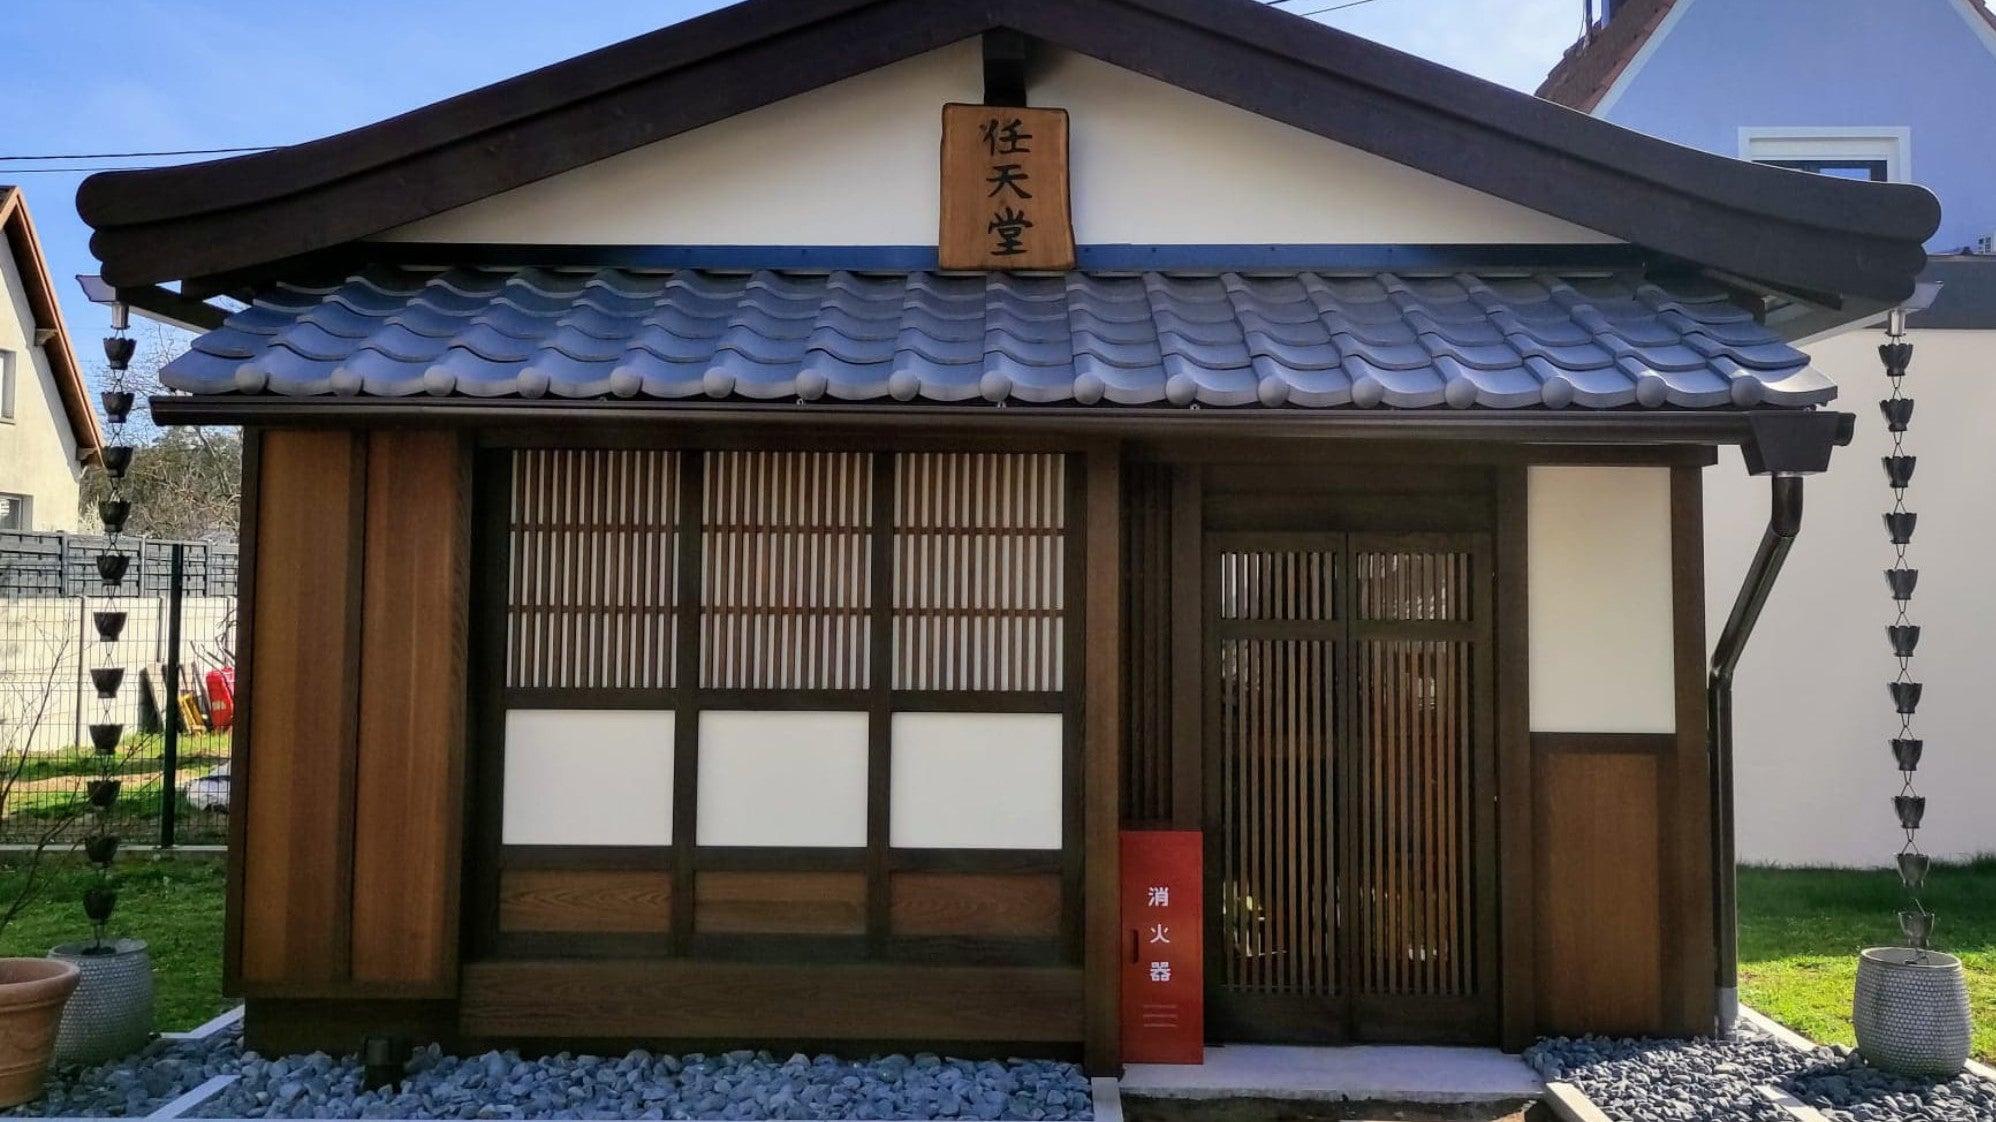 收藏家把自家房屋改造成19世纪任天堂京都旧办公室